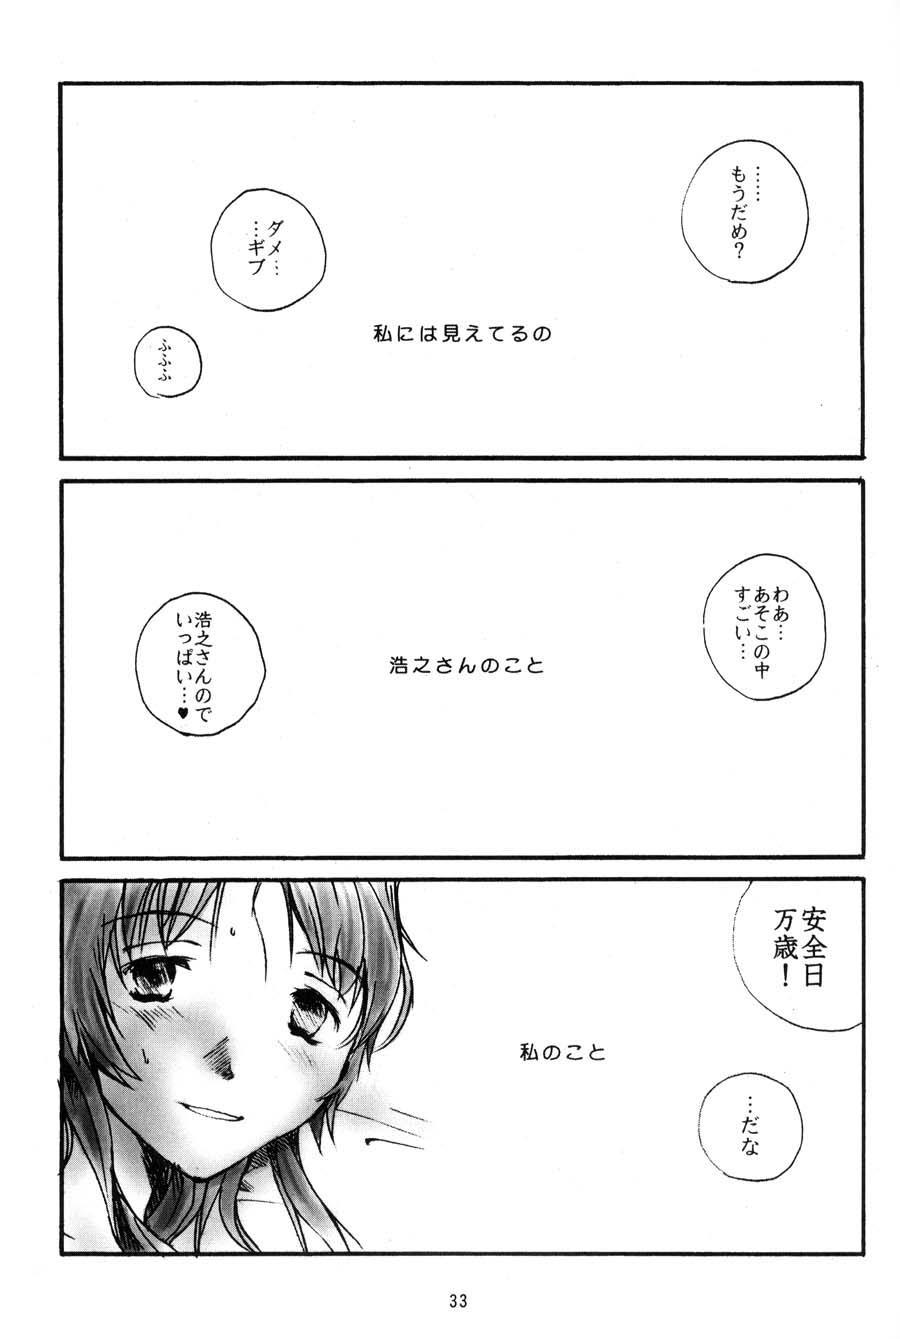 Toshiyori no Hiyamizz 31